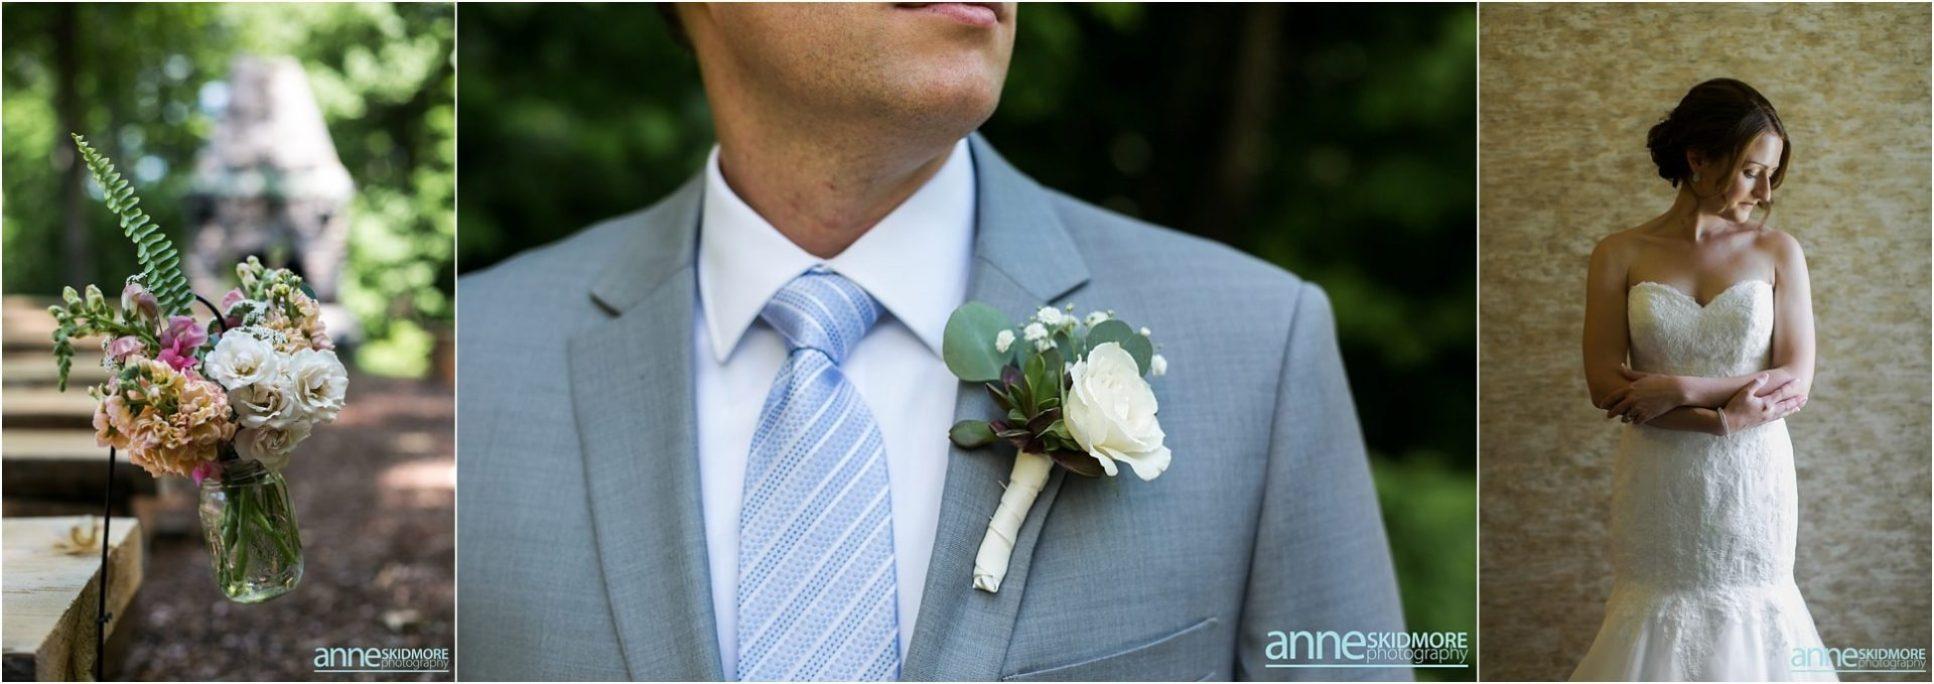 Whitneys_Inn_Wedding_0017